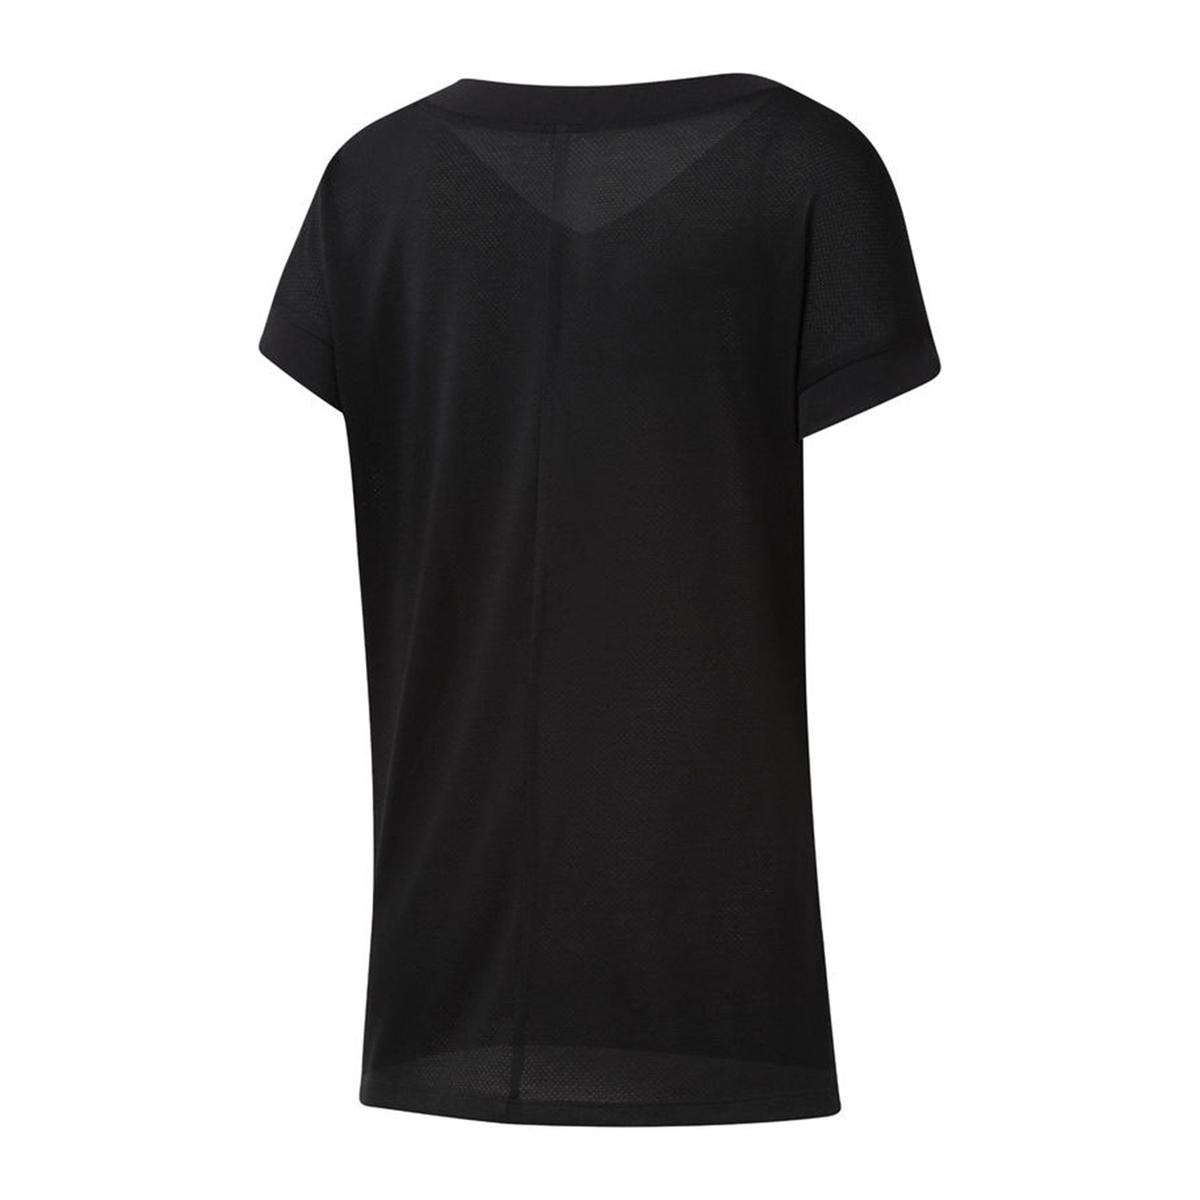 Imagen adicional 3 de producto de Camiseta con cuello de pico, Wor Sup Detail - Reebok